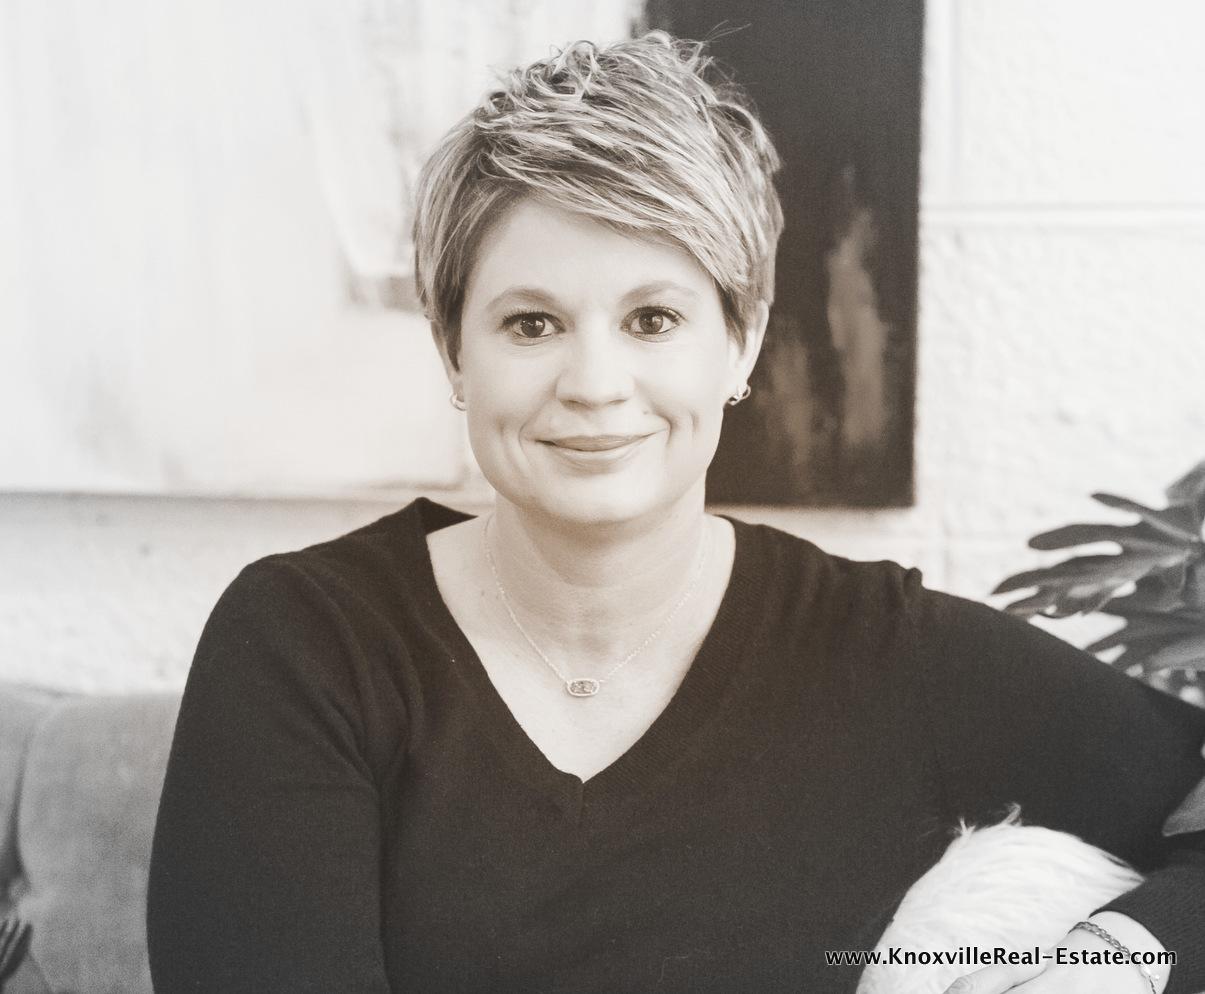 Christine McInerney